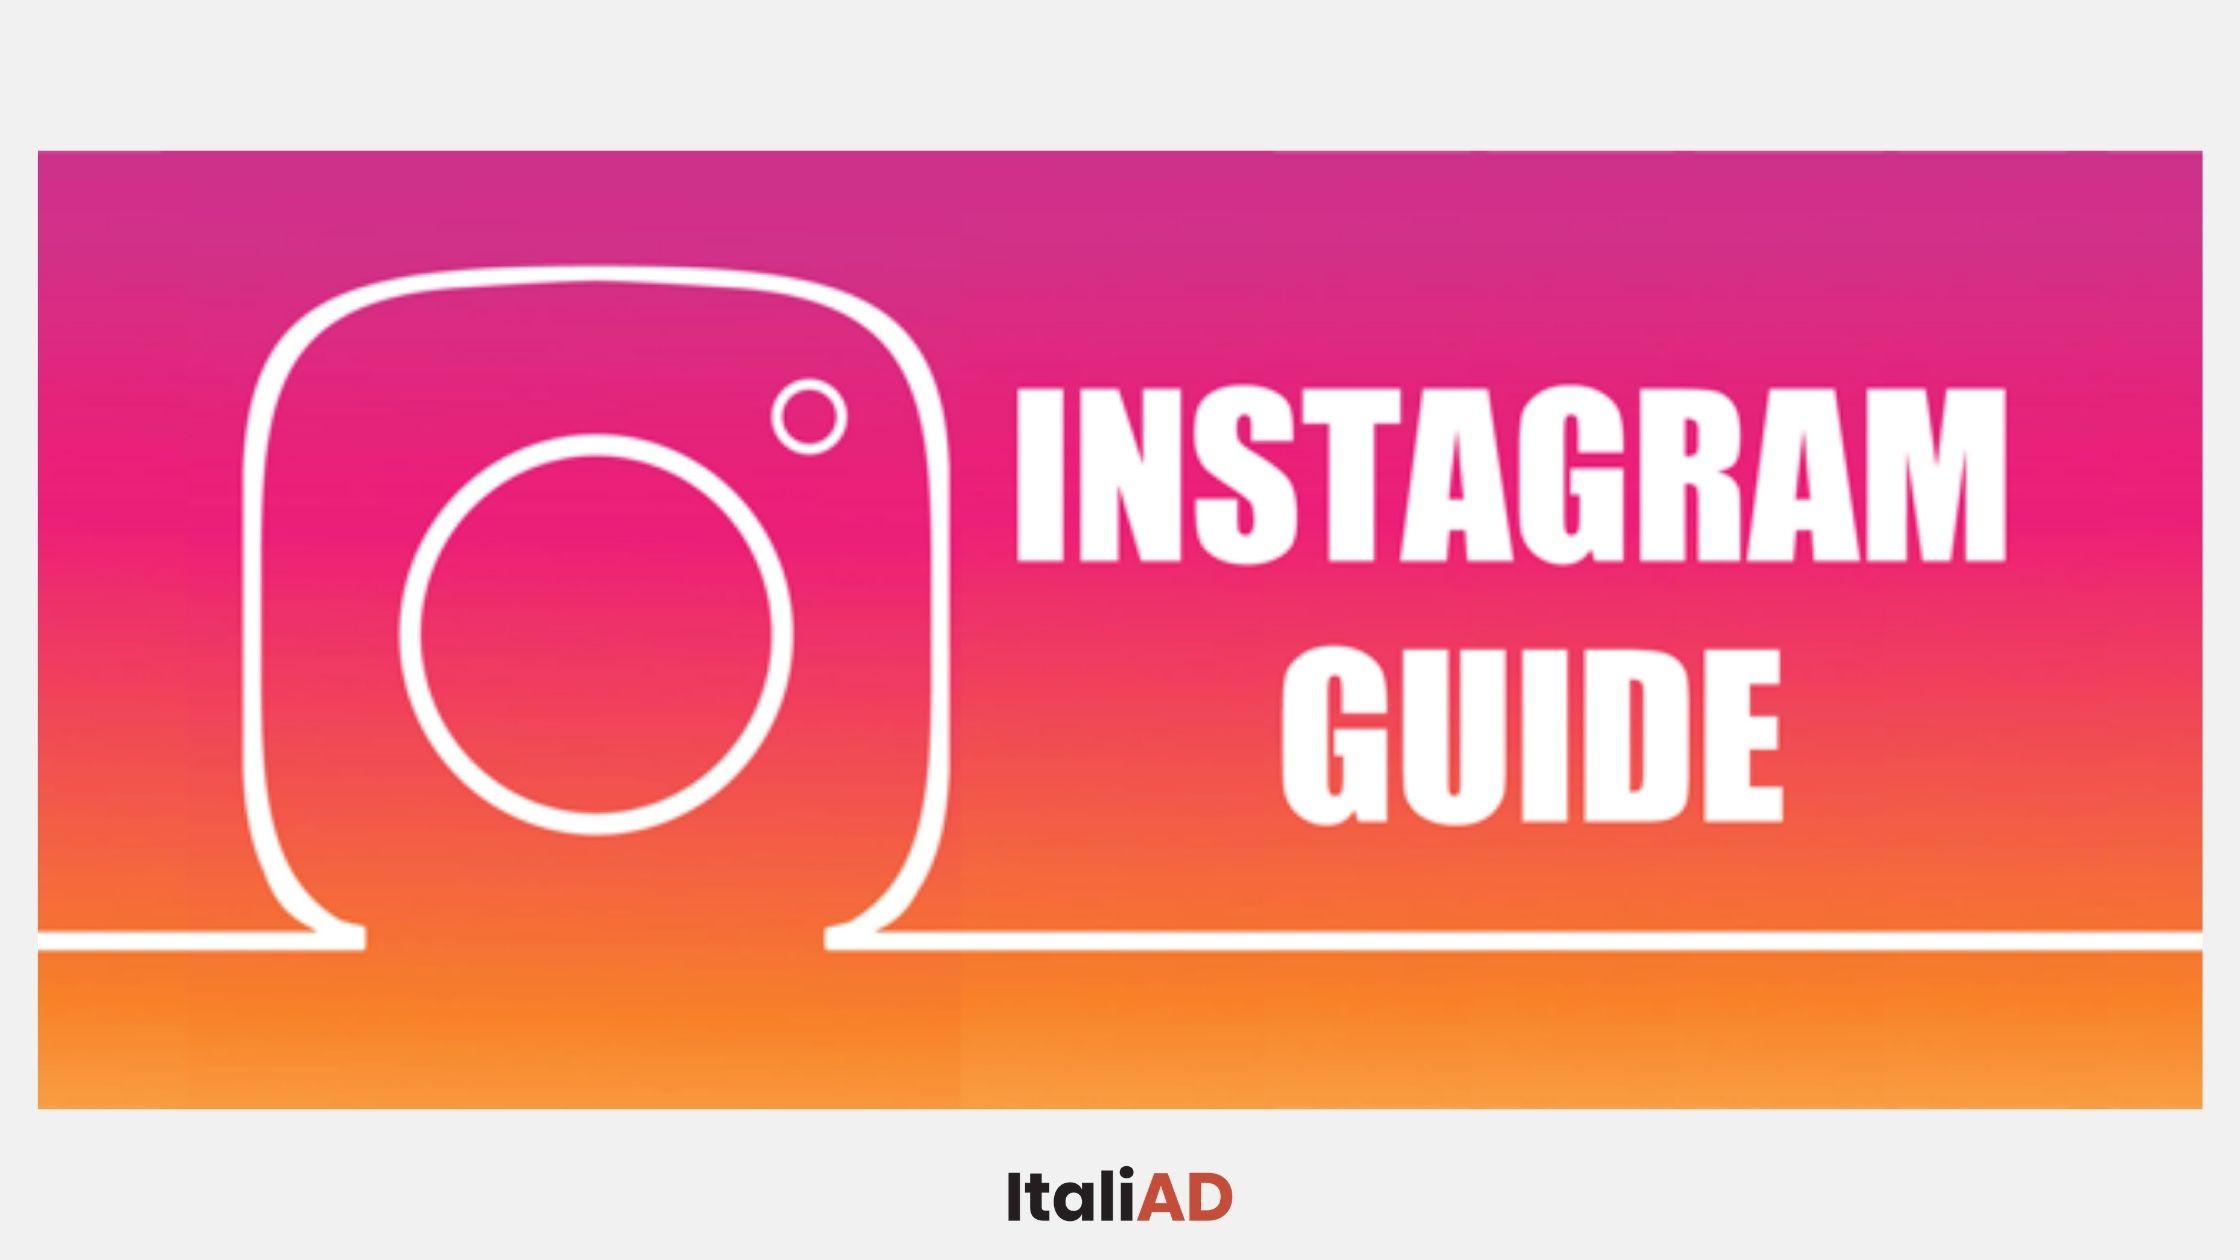 Cosa sono le Guide su Instagram?